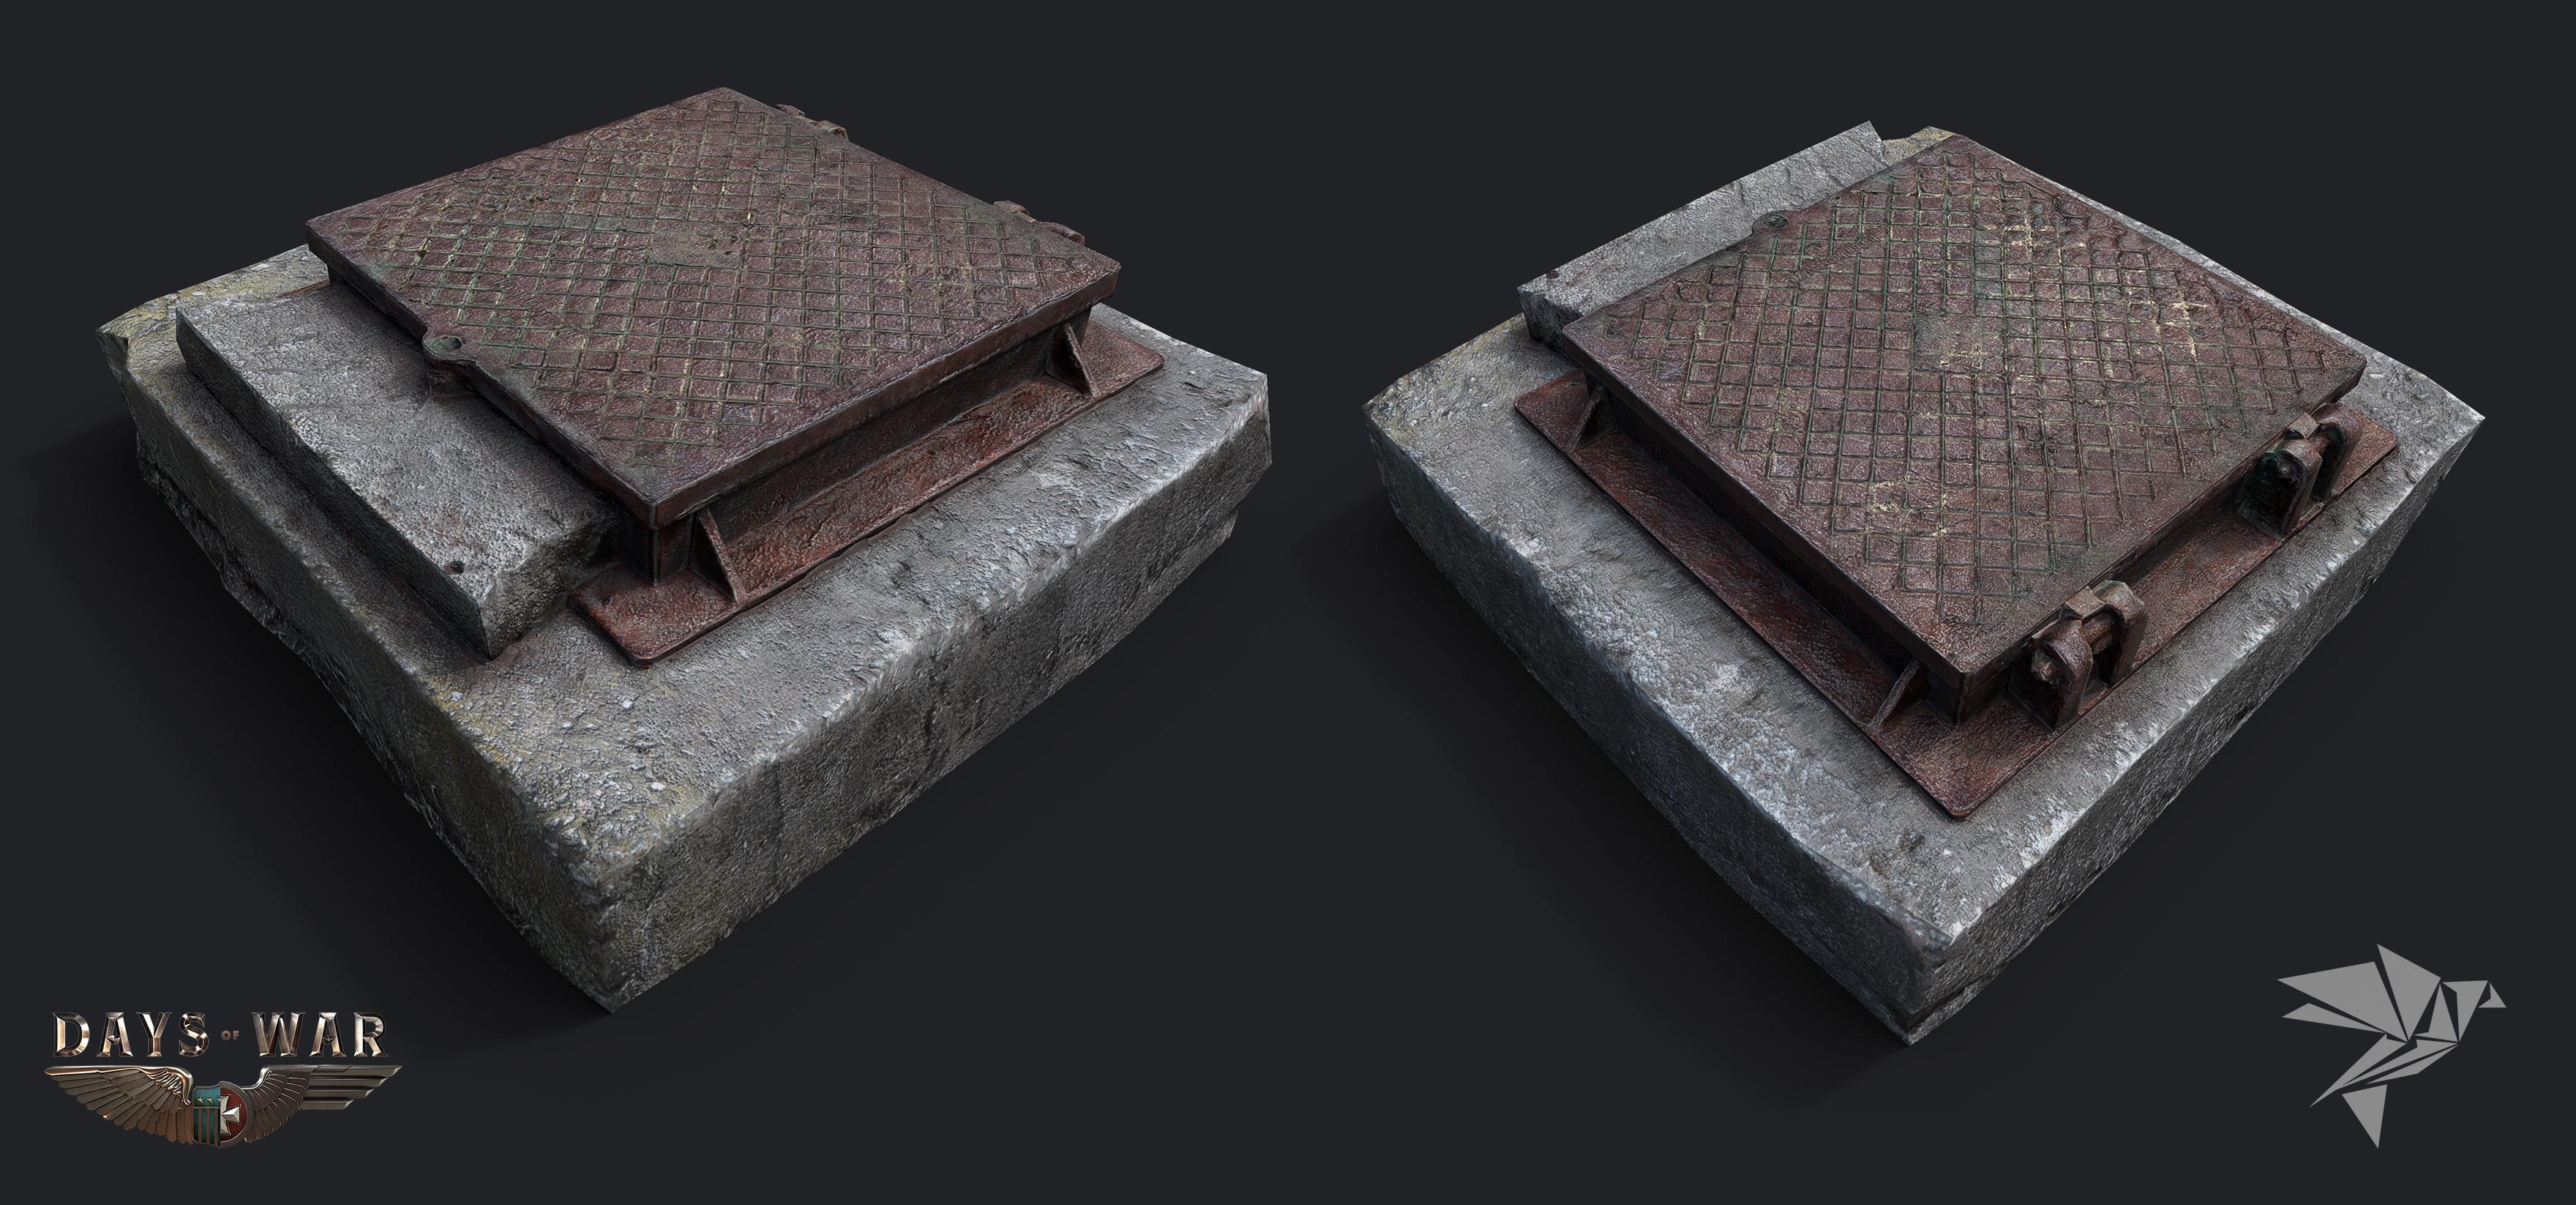 hatch (from photogrametry 3dhdscan https://sketchfab.com/models/90cdaeb807dd46efb7b481a34c396fb3)